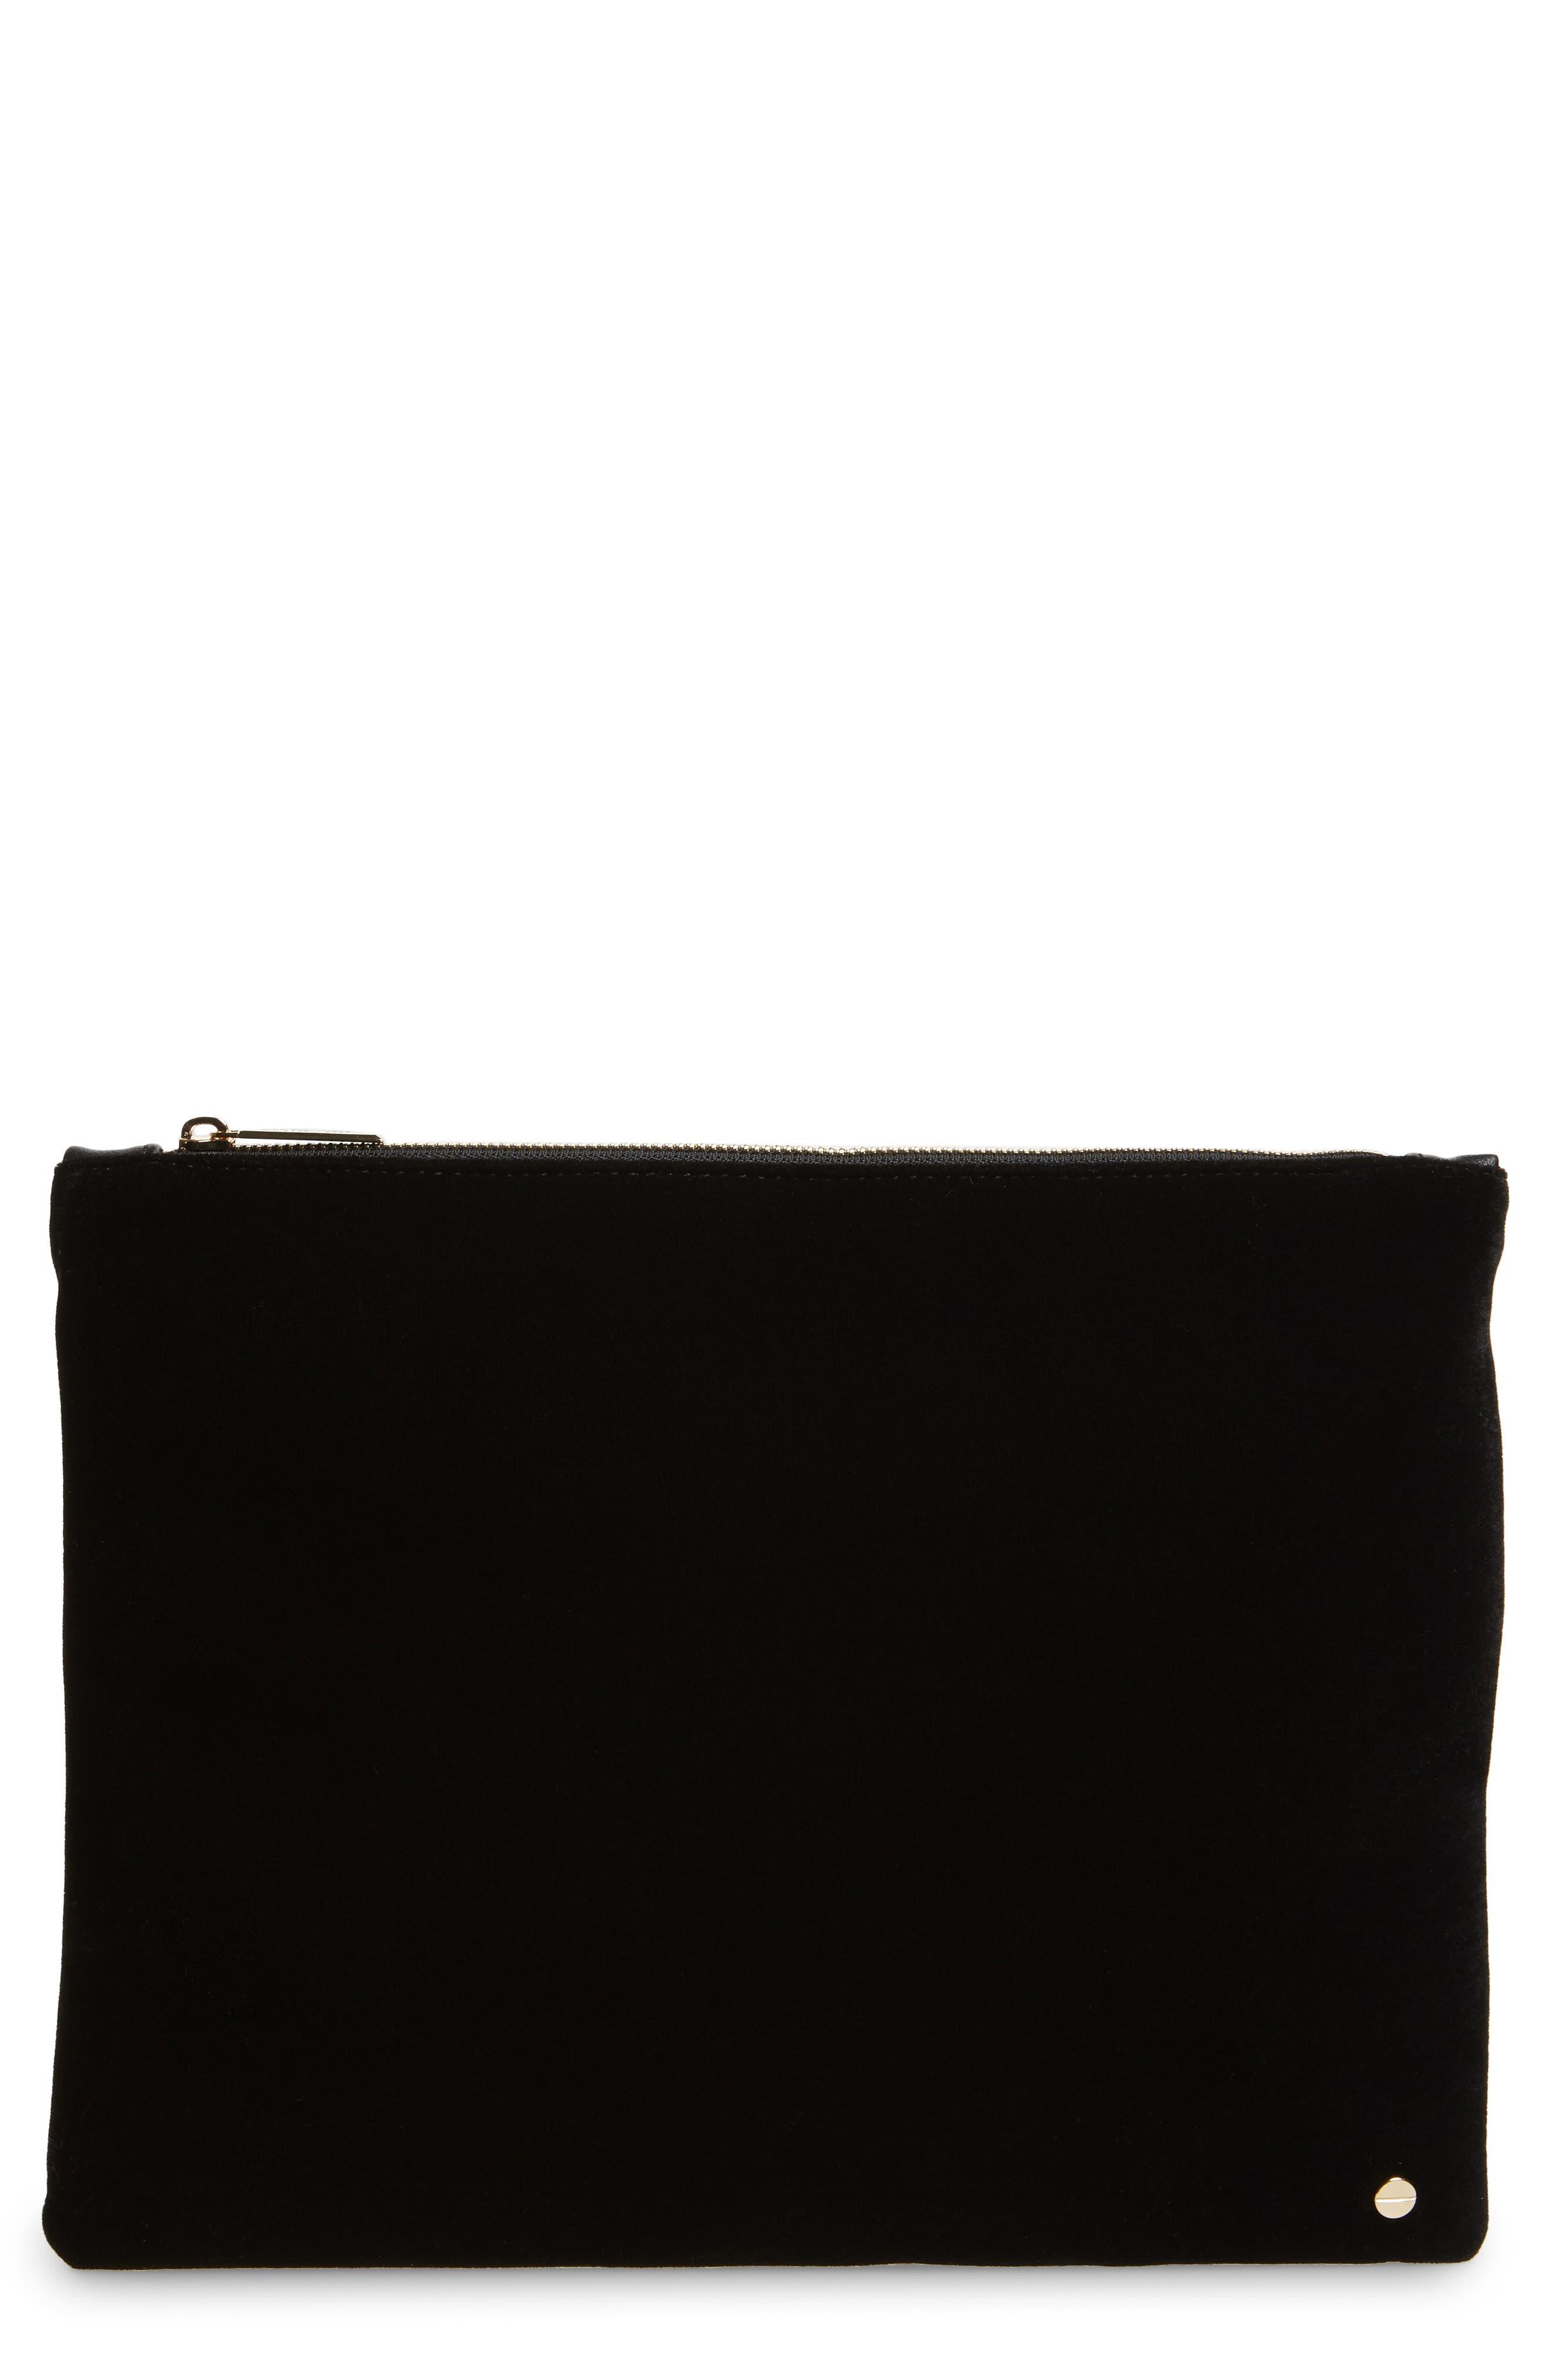 Mali + Lili Iona Velvet & Vegan Leather Clutch,                             Main thumbnail 1, color,                             BLACK